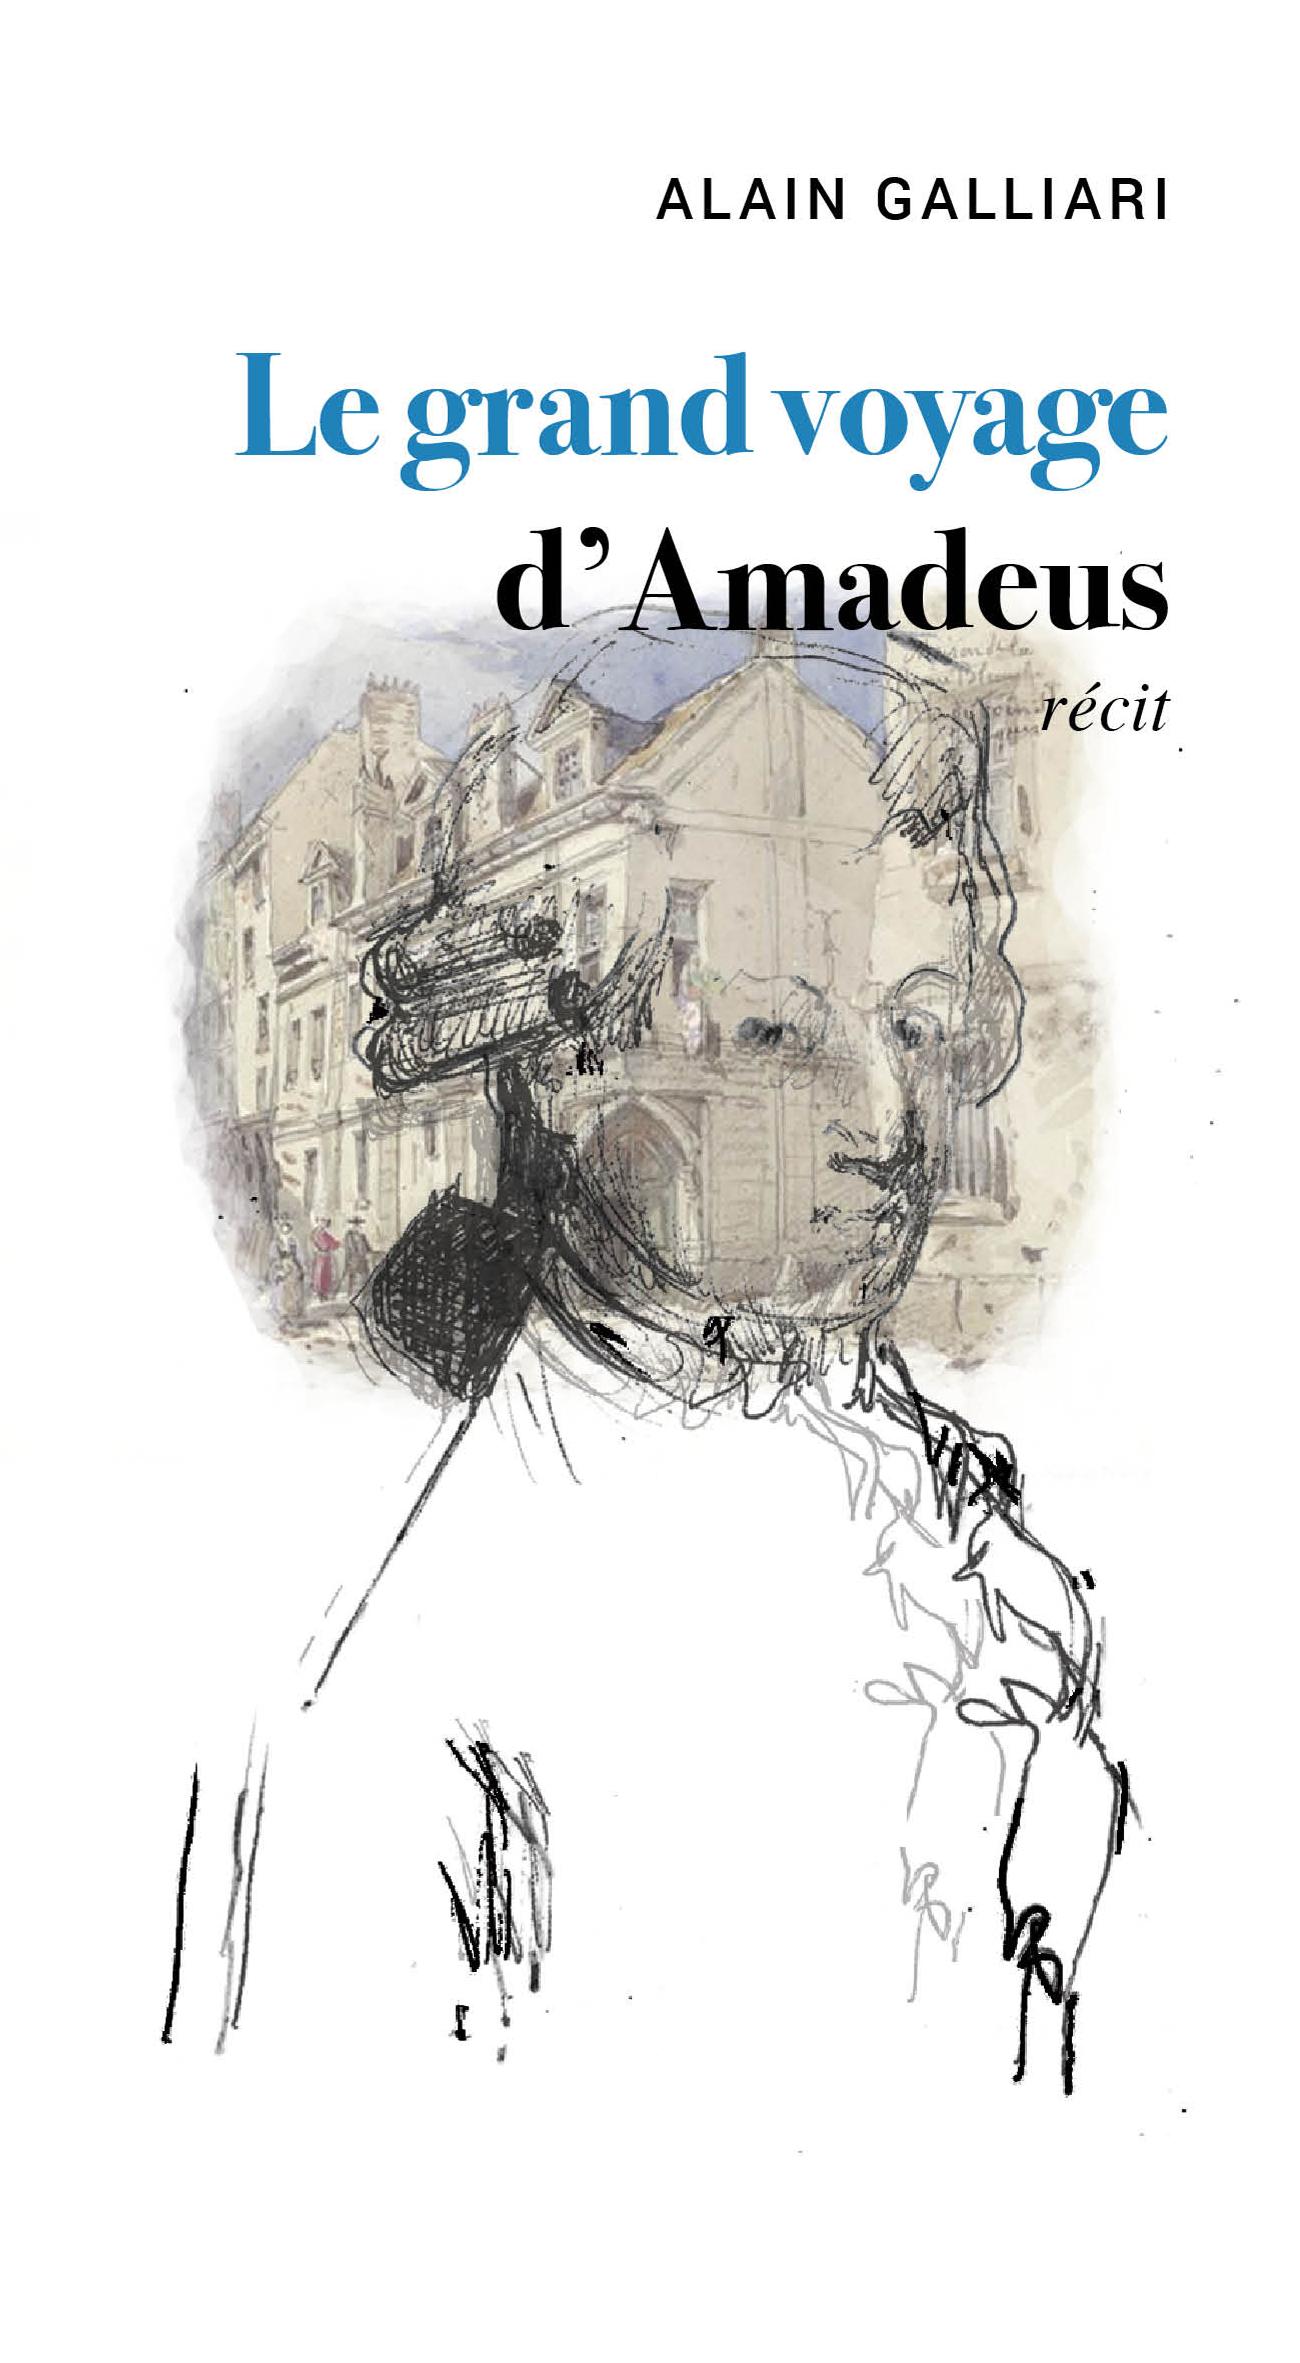 Le grand voyage d'Amadeus